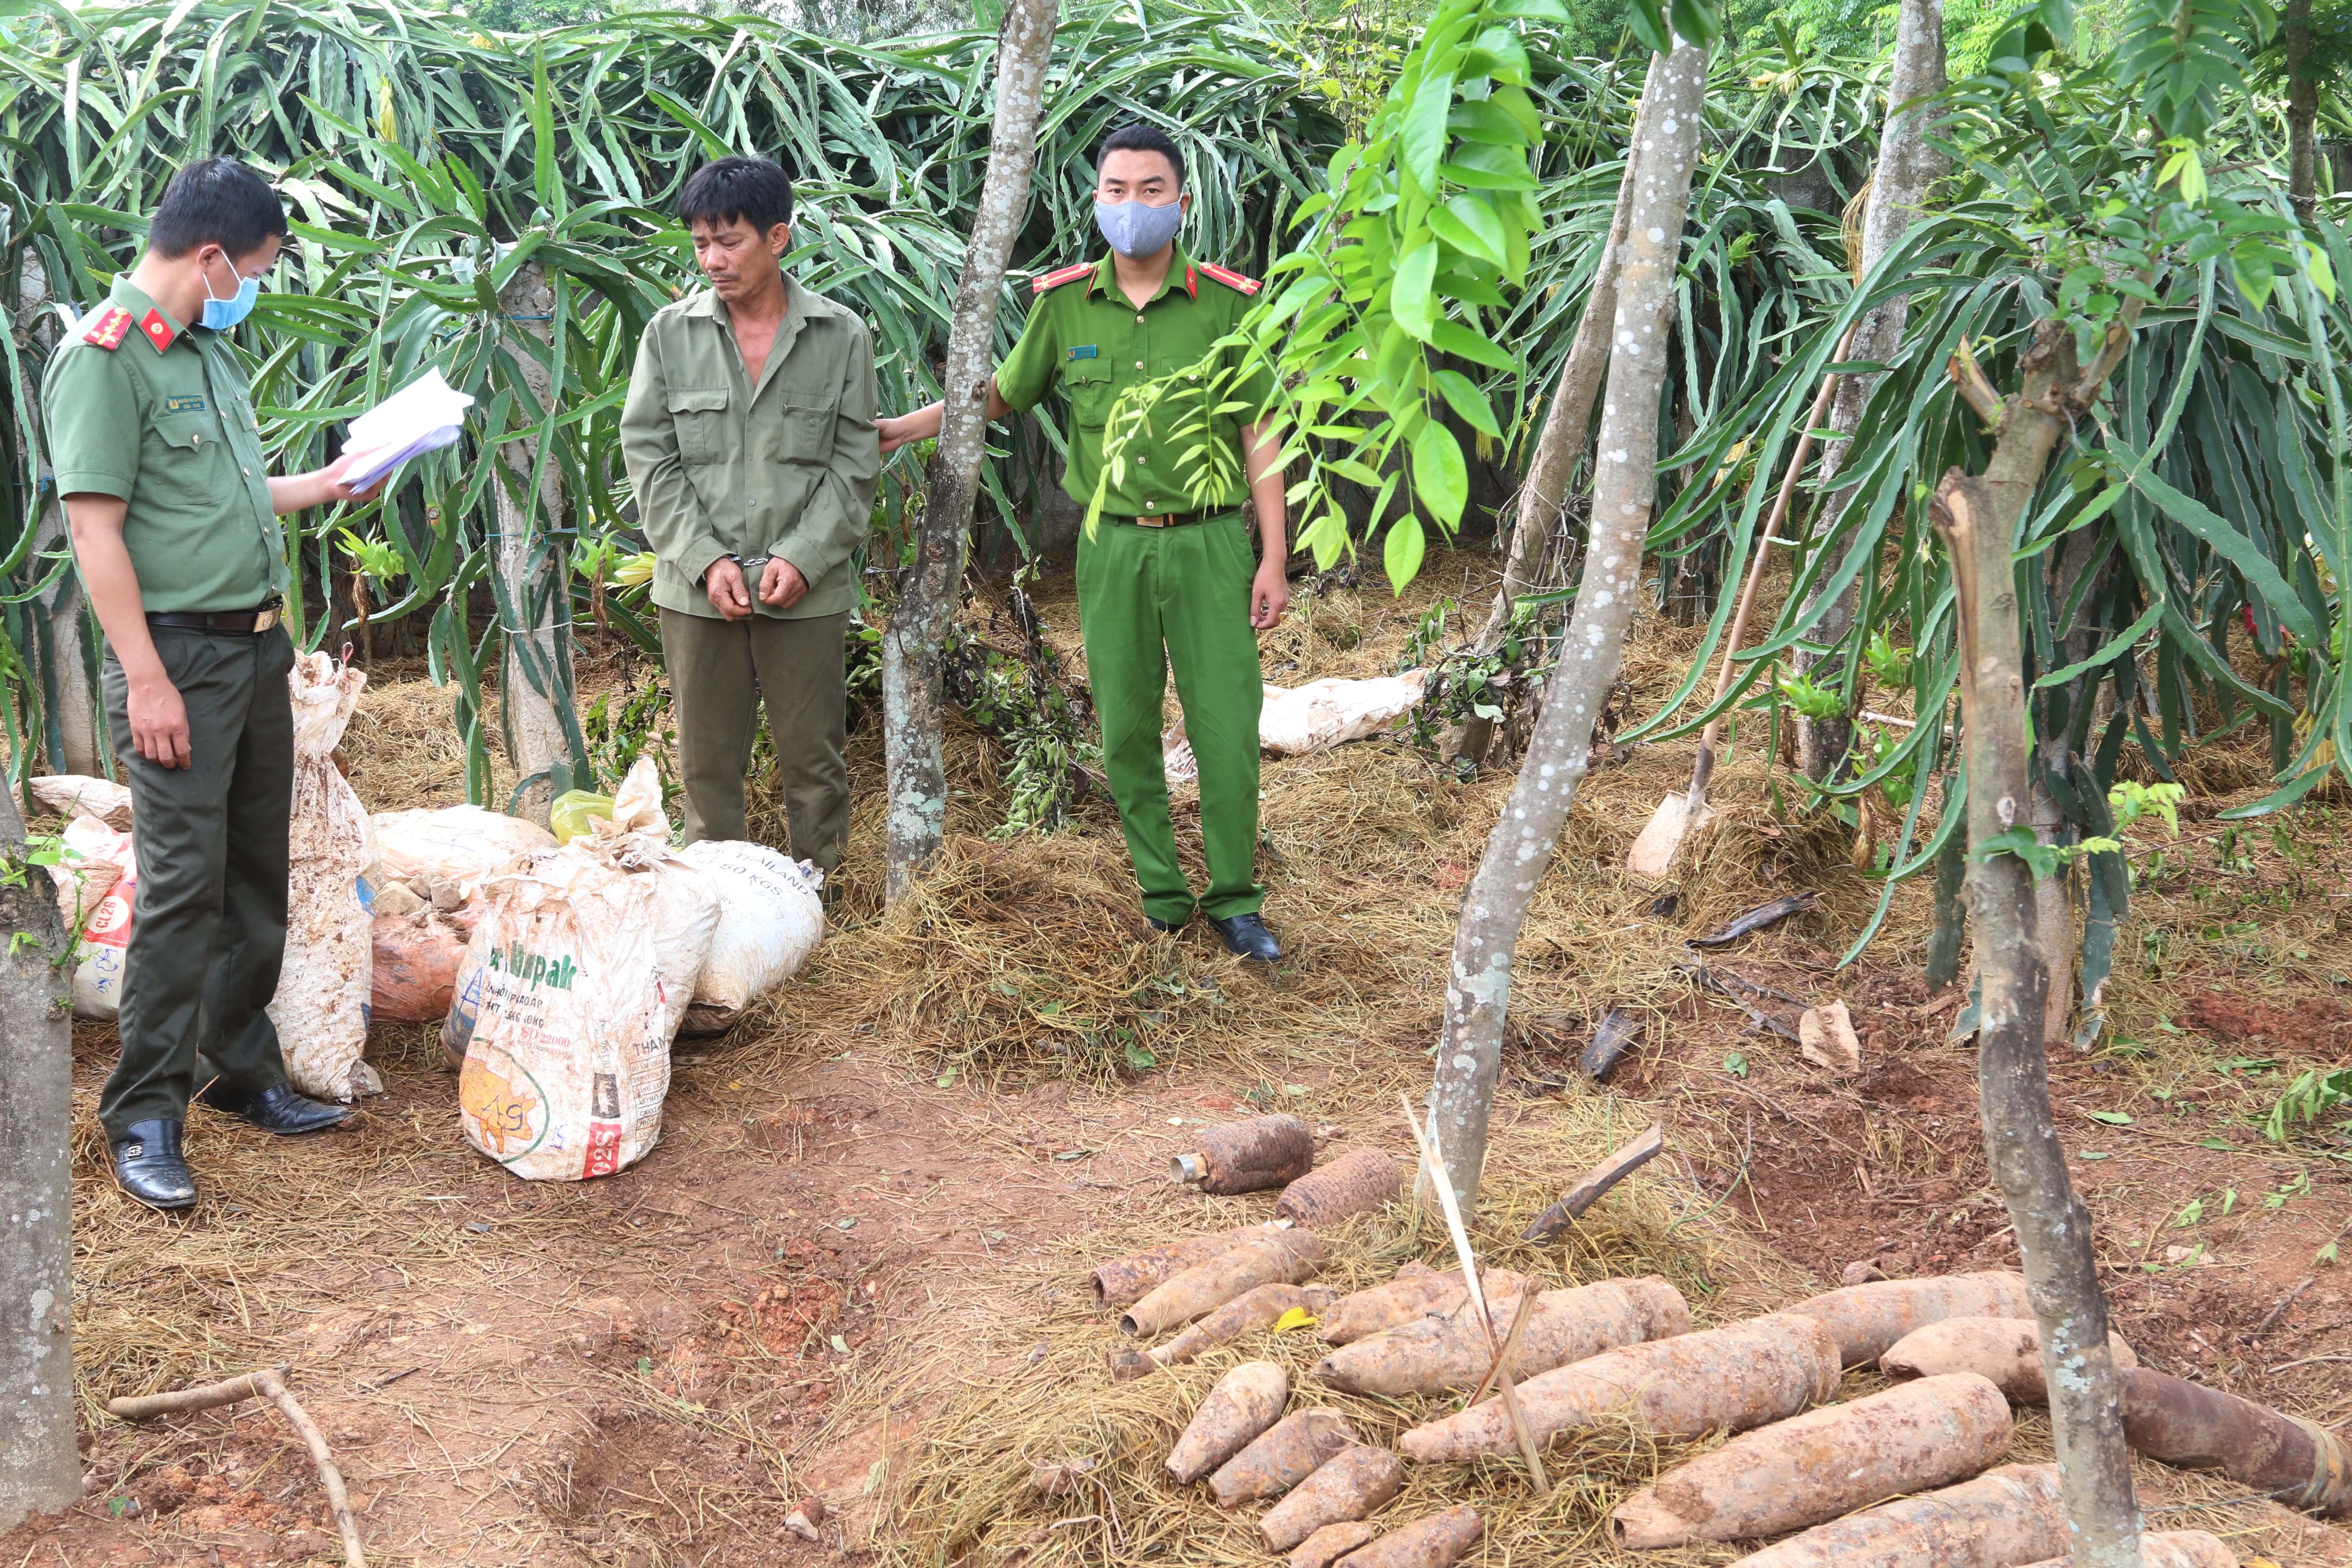 Lượng lớn thuốc nổ và đầu đạn nguy hiểm được đối tượng Nguyễn Đăng Thảo cất giấu rải rác trong vườn nhà.